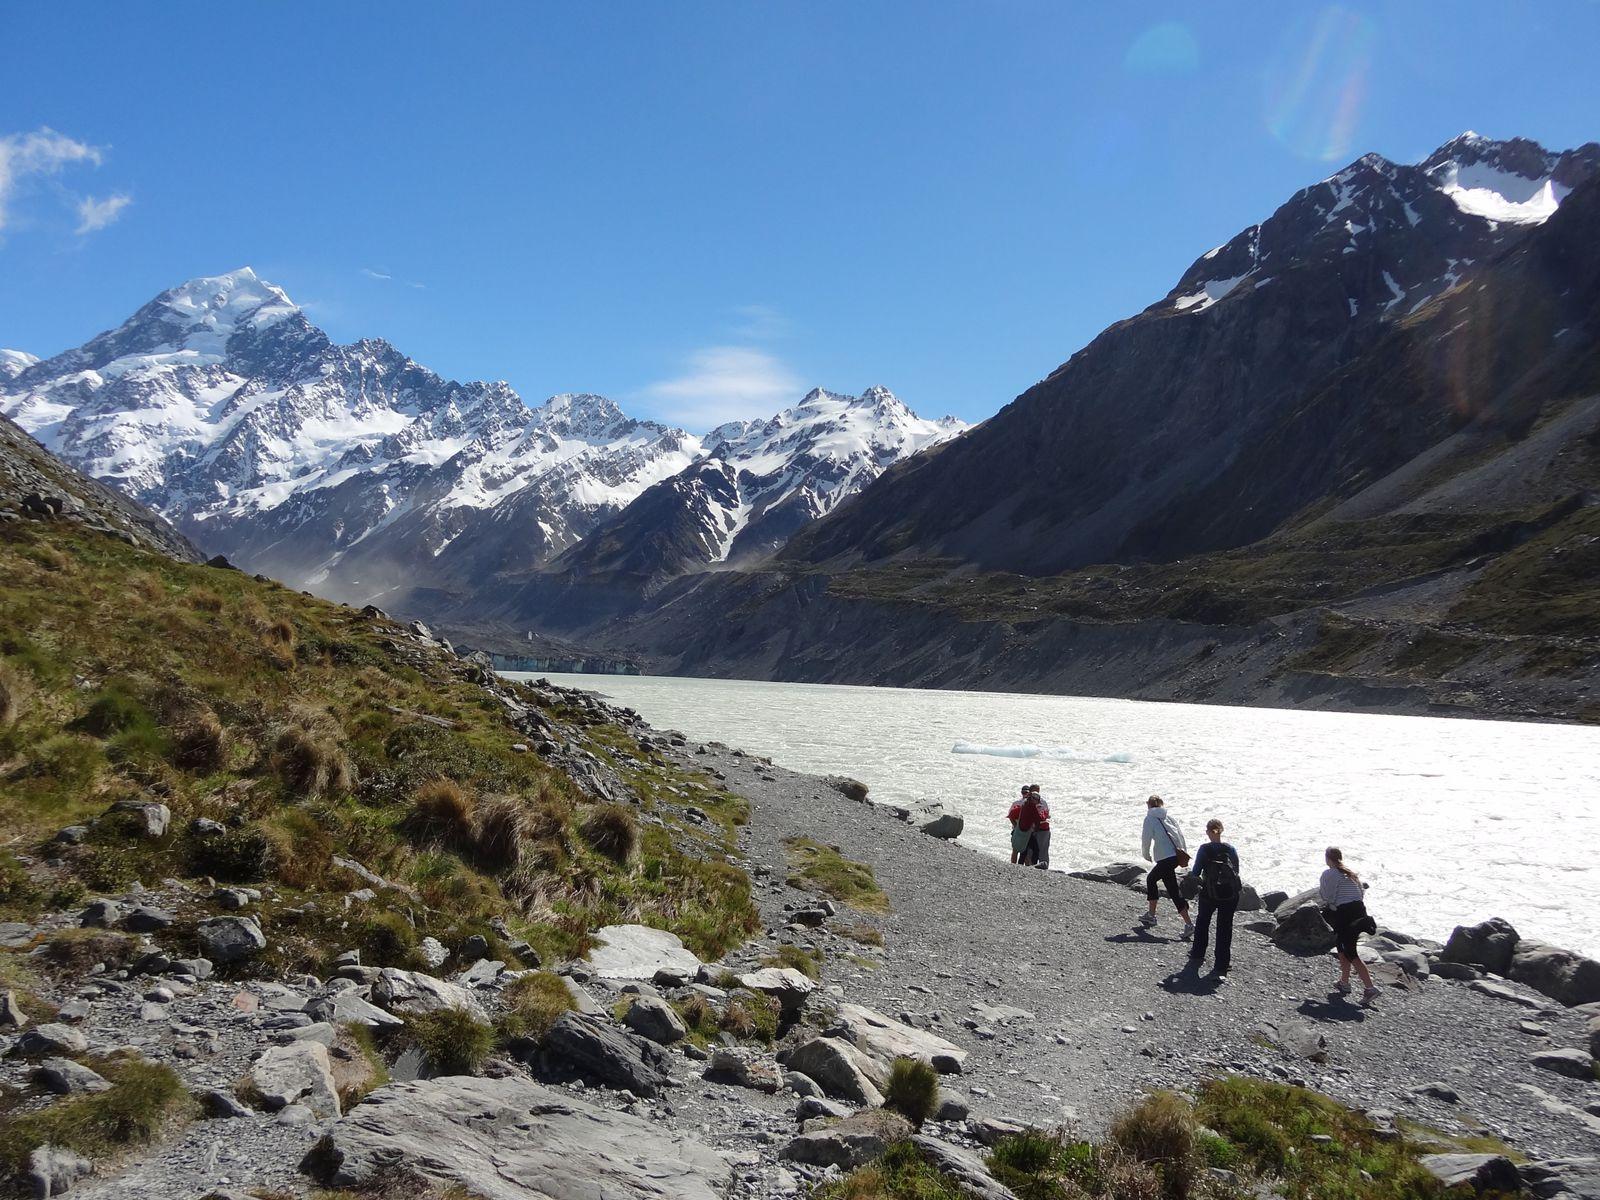 Le Mont Cook surplombe totalement la vallée. On l'avait toujours sous nos yeux, face à nous, enneigé, lumineux, imposant !